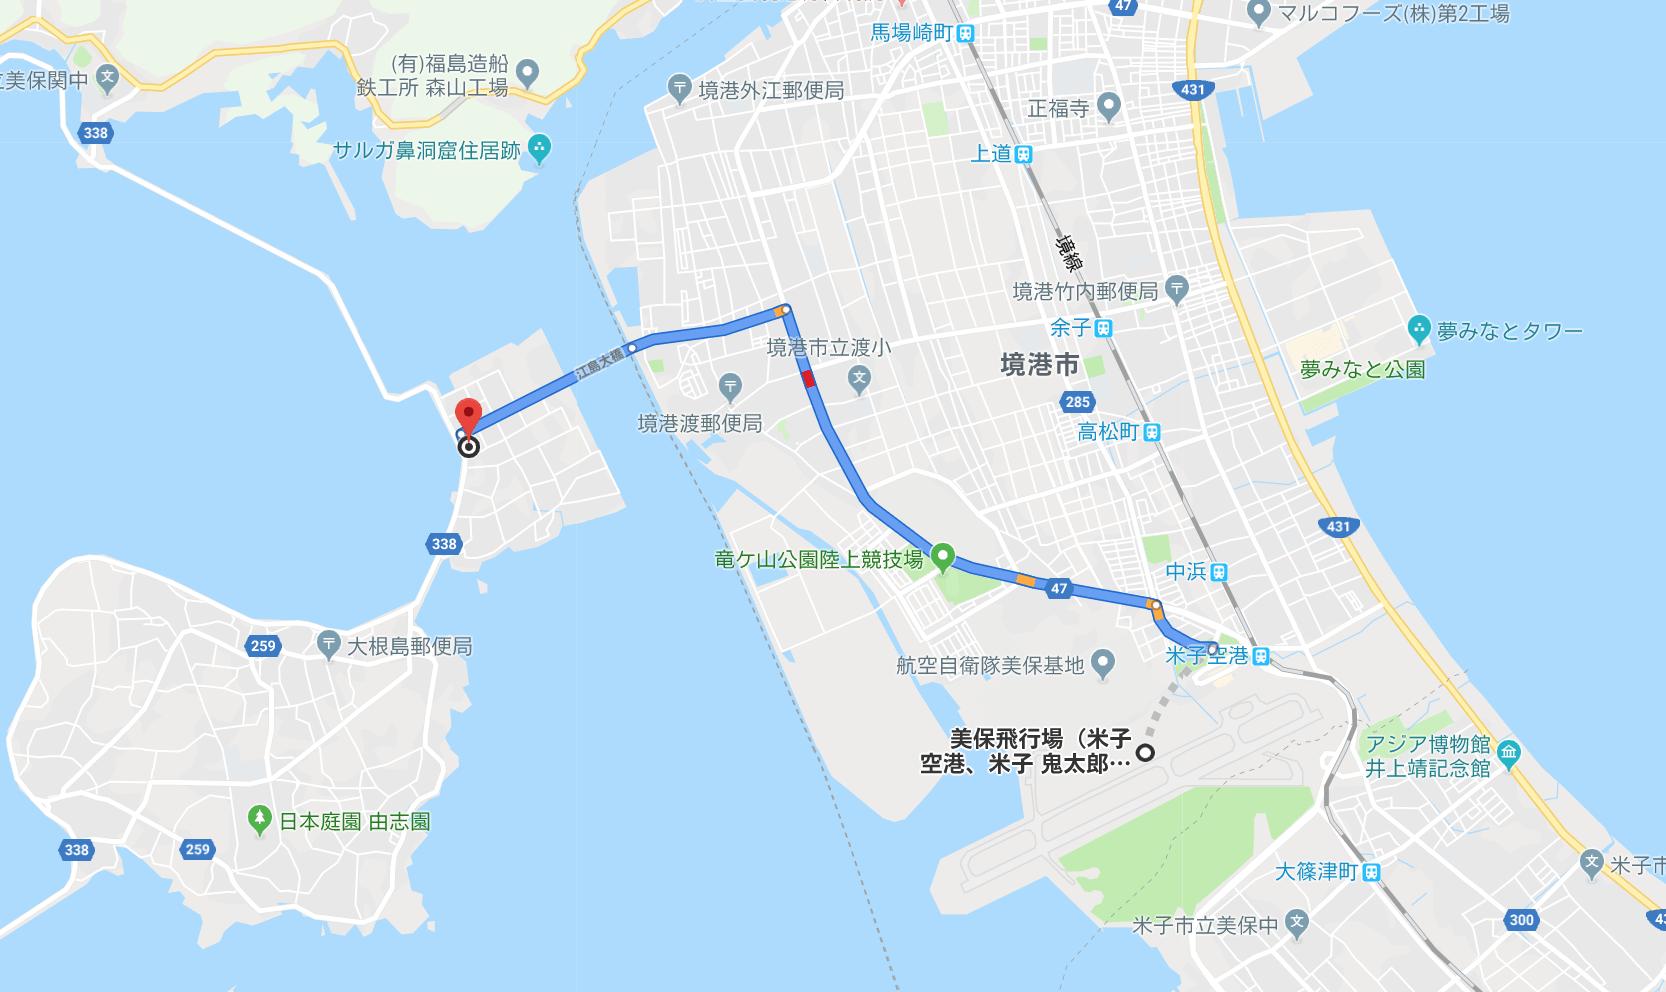 地元民がベタ踏み坂を徹底ガイド|鳥取-島根間の江島大橋とは?